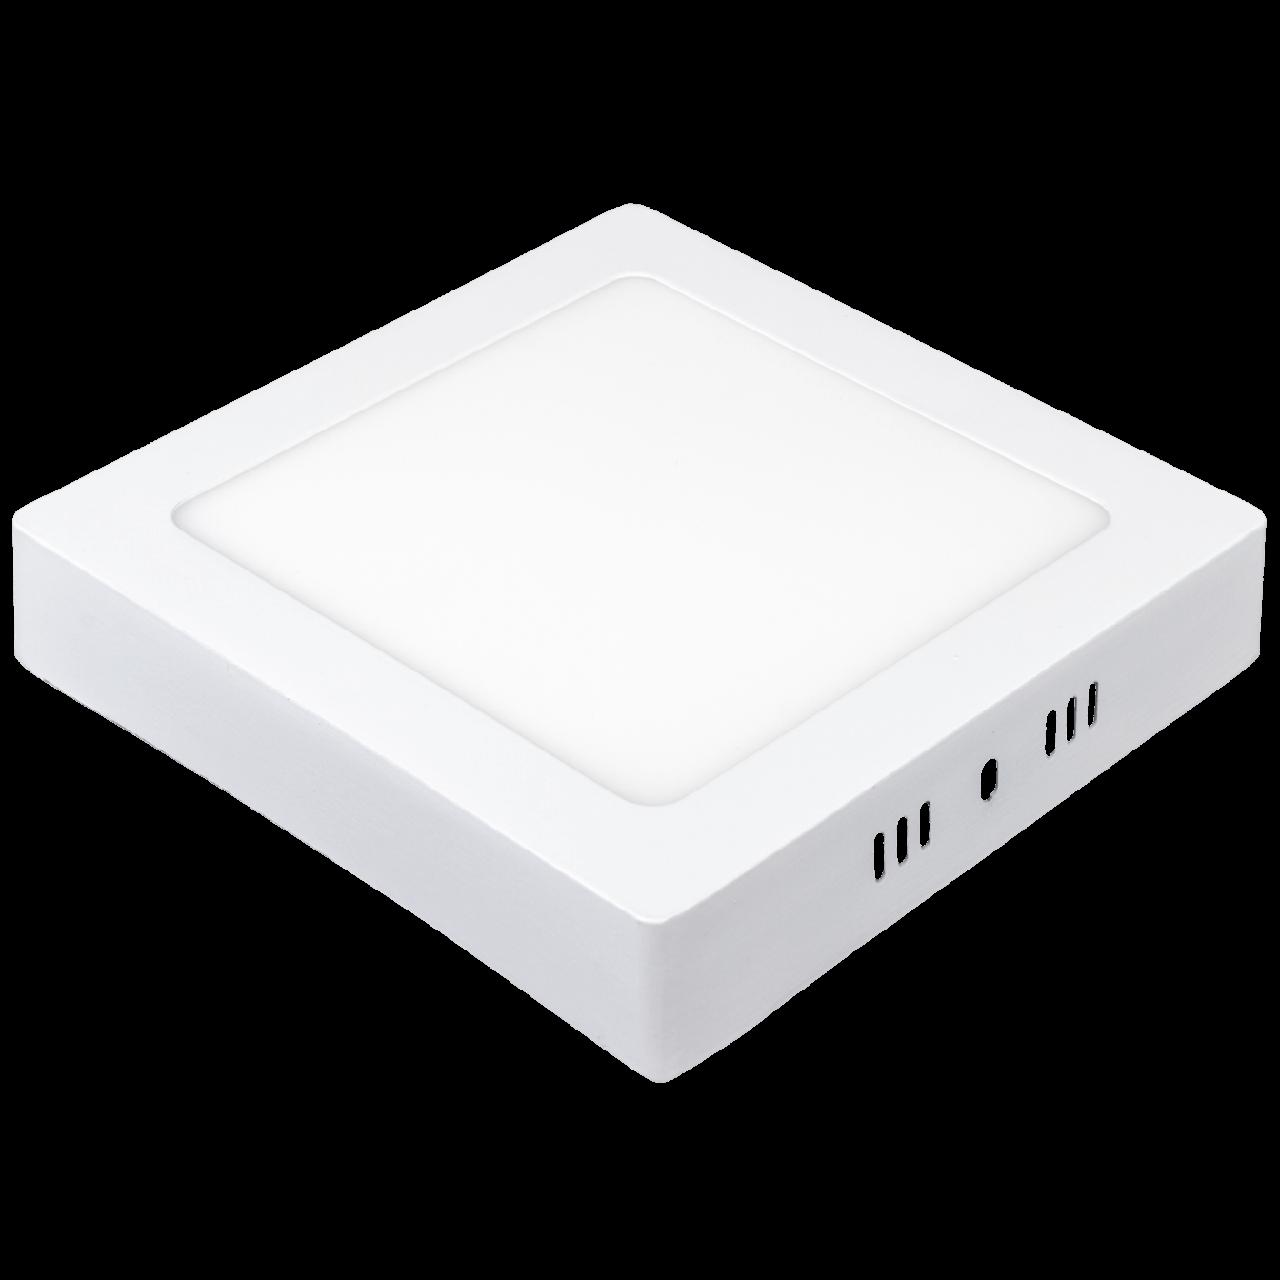 Светодиодный накладной светильник Ilumia 12Вт, 165мм, 4000К (нейтральный белый), 950Лм (038)